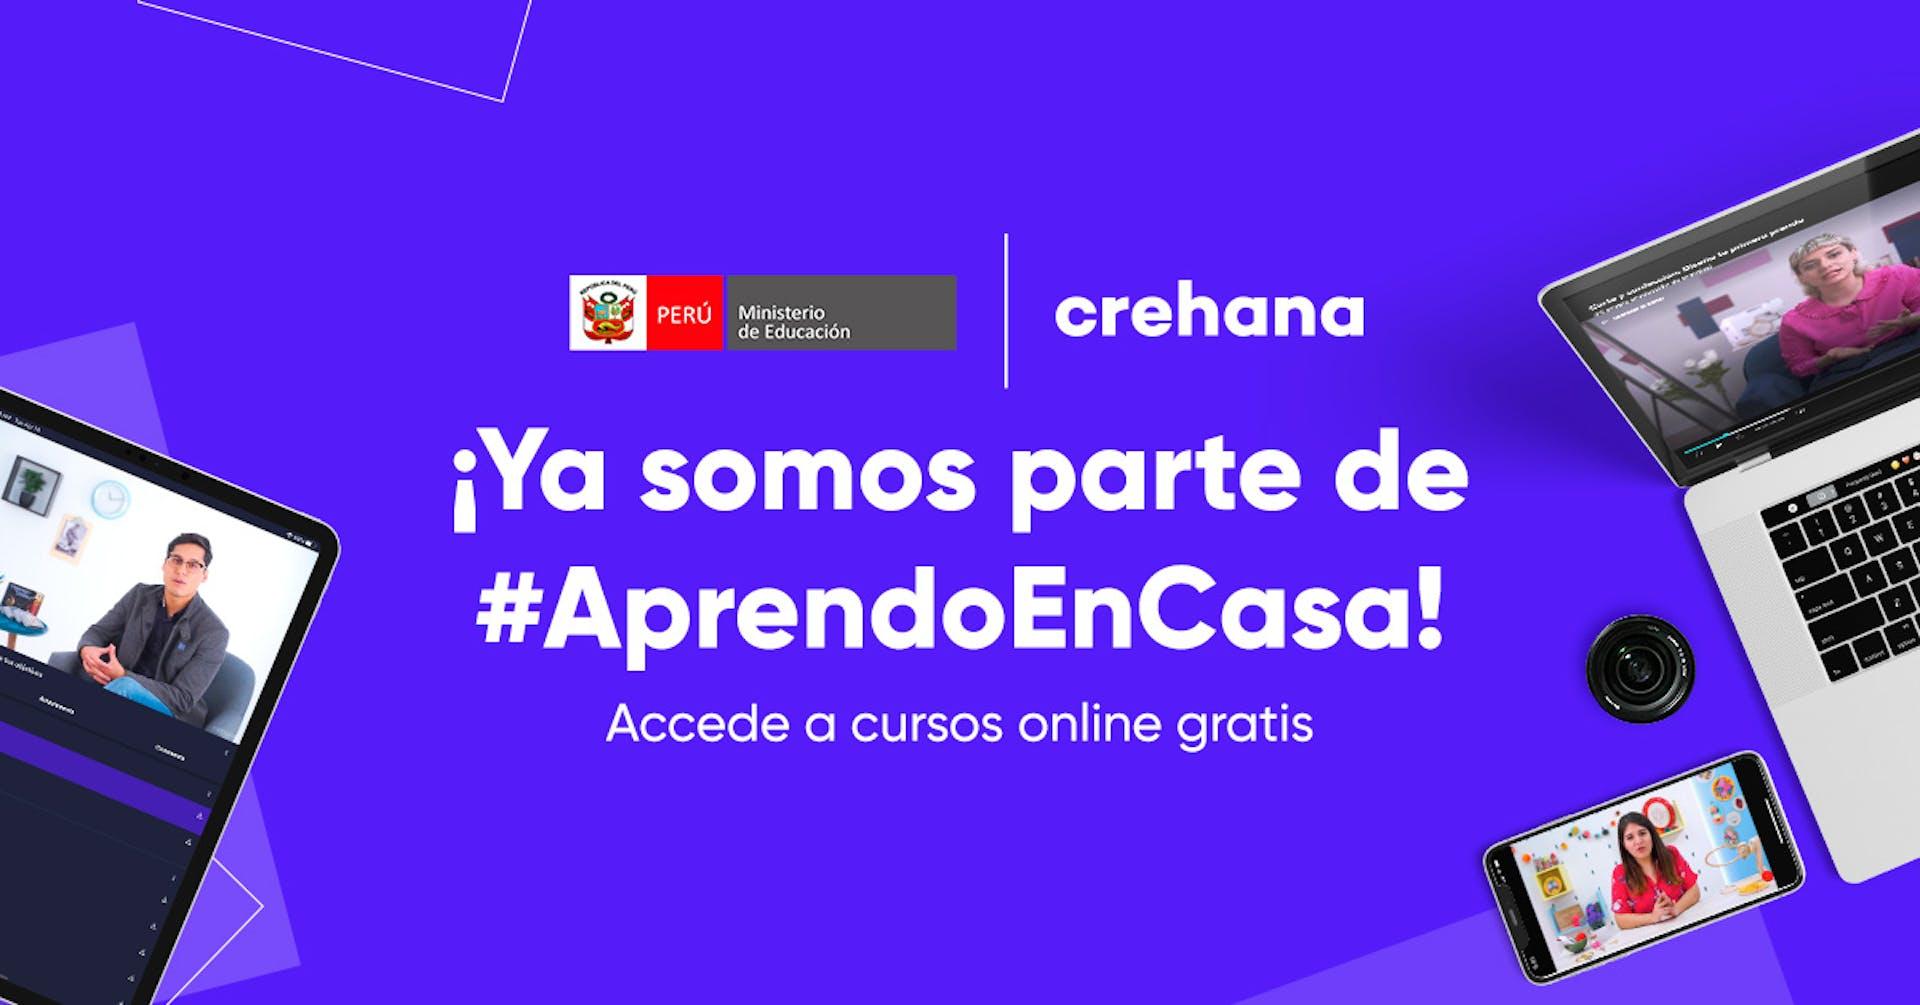 """Crehana se une a """"Aprendo en casa"""" del Minedu de Perú"""